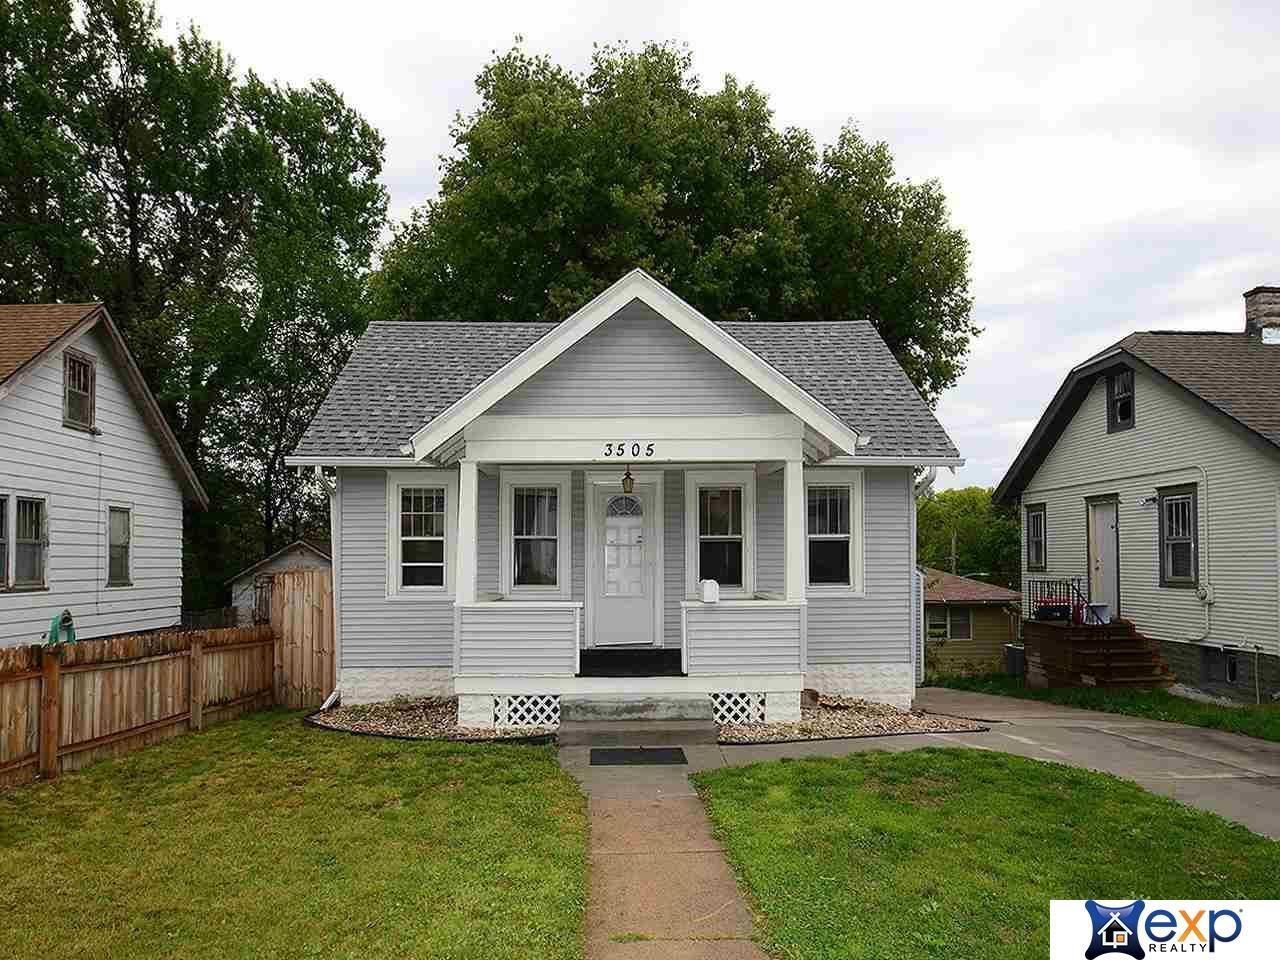 3505 N 45 Street, Omaha, NE 68104 - MLS#: 22110332